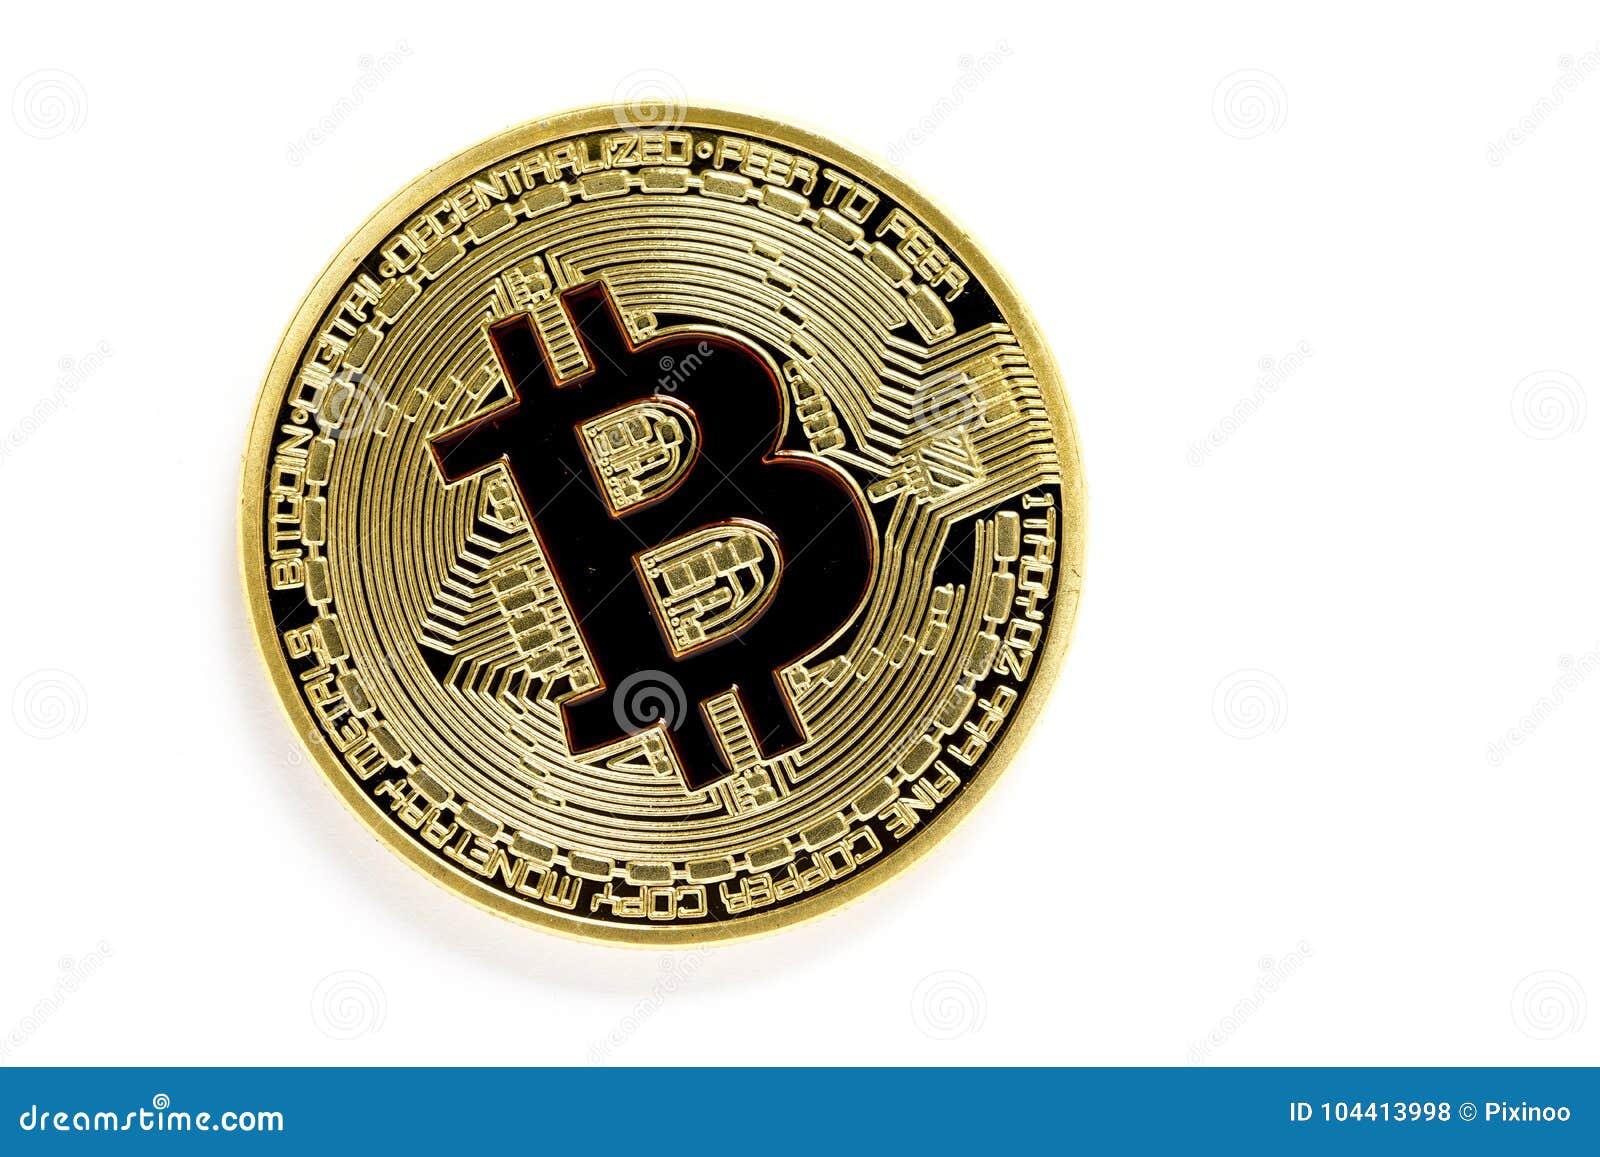 Złotego bitcoin wirtualne monety odizolowywać na białym tle